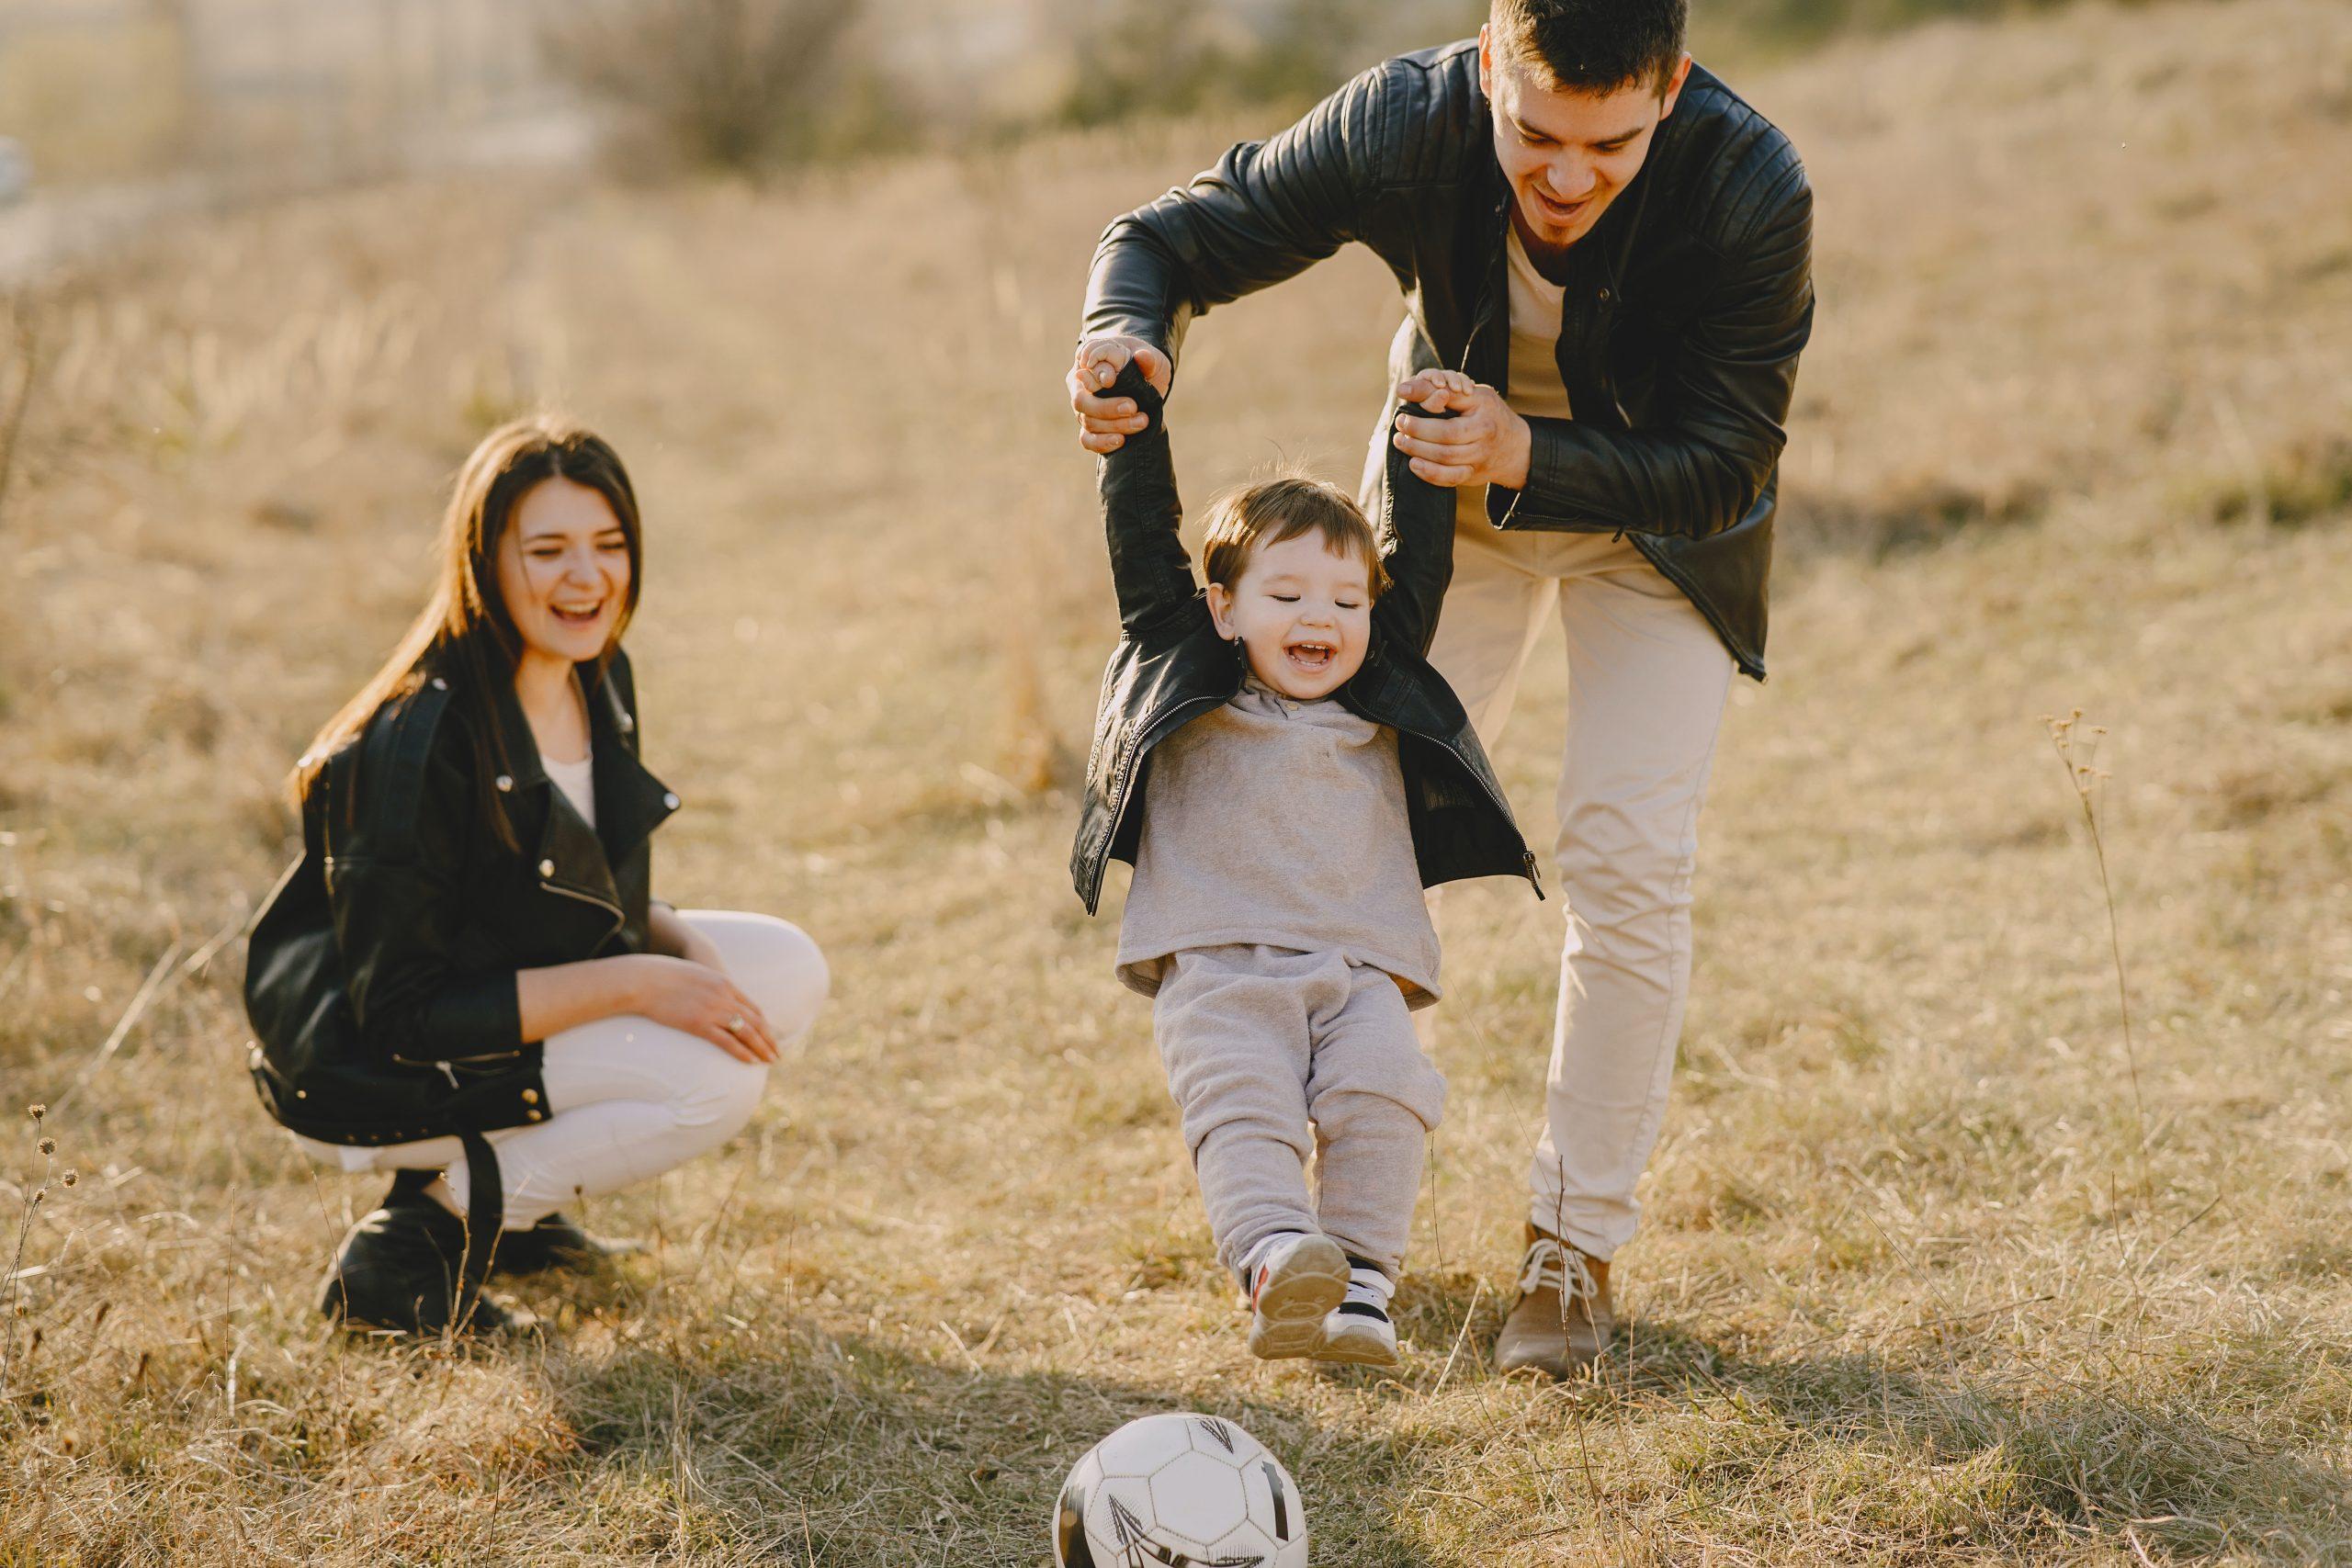 famille-heureuse-qui-joue-avec-un-ballon-en-extérieur